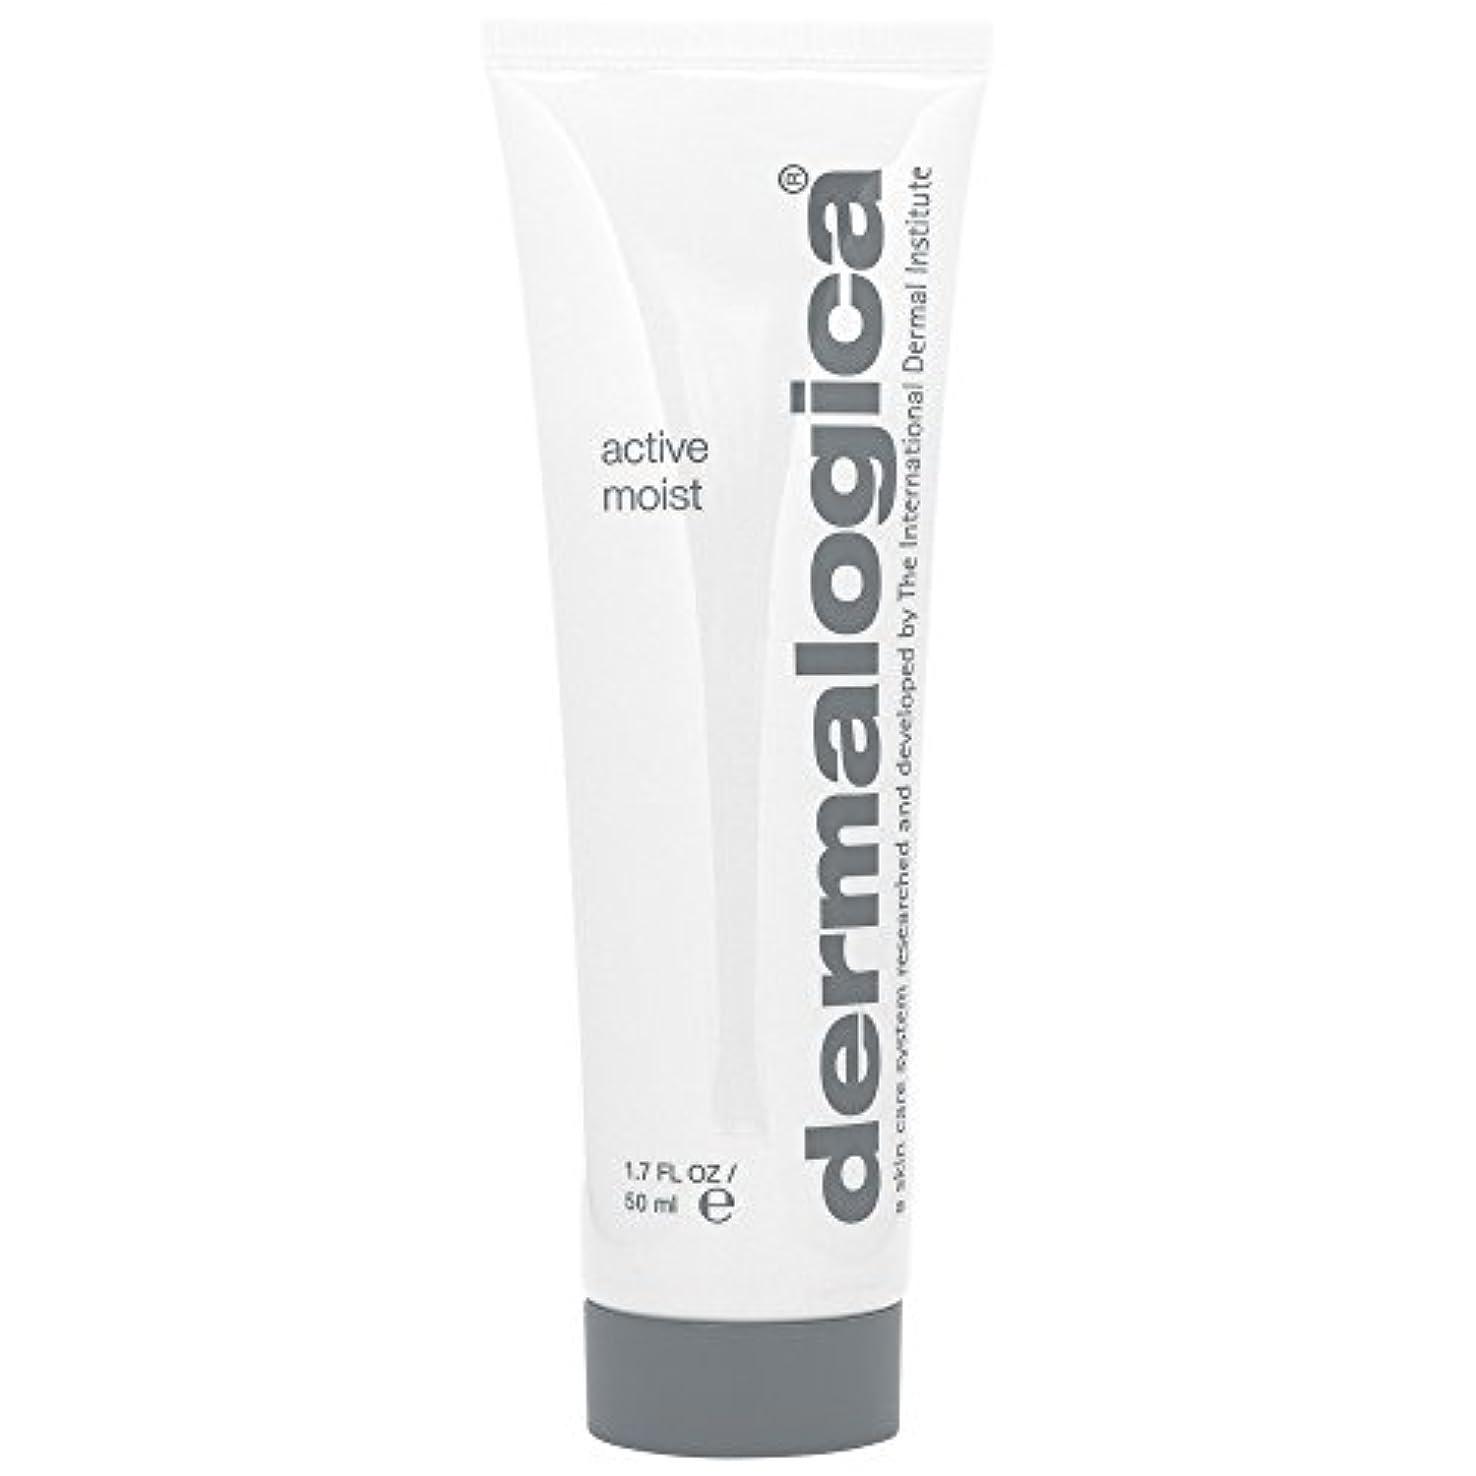 または受け皿アームストロングダーマロジカアクティブ湿った顔の保湿剤の50ミリリットル (Dermalogica) - Dermalogica Active Moist Facial Moisturiser 50ml [並行輸入品]